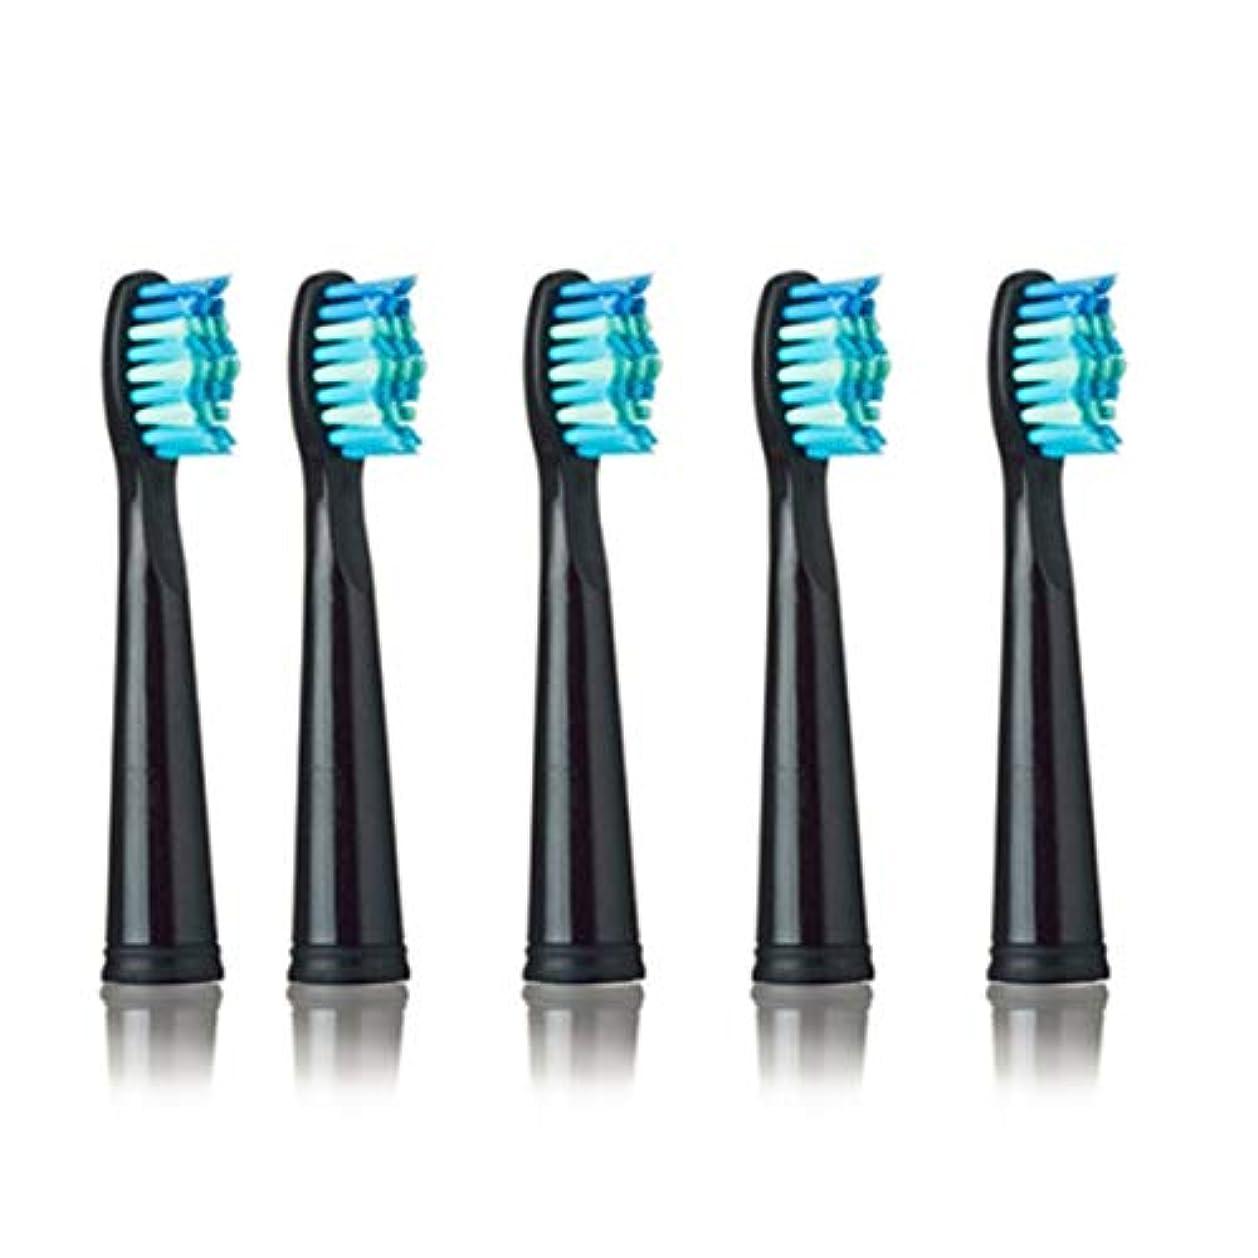 繊毛咲くビルダーSEAGO 949/507/610/659用電動歯ブラシヘッド抗菌自動歯ブラシヘッド電動歯ブラシ - ブラック